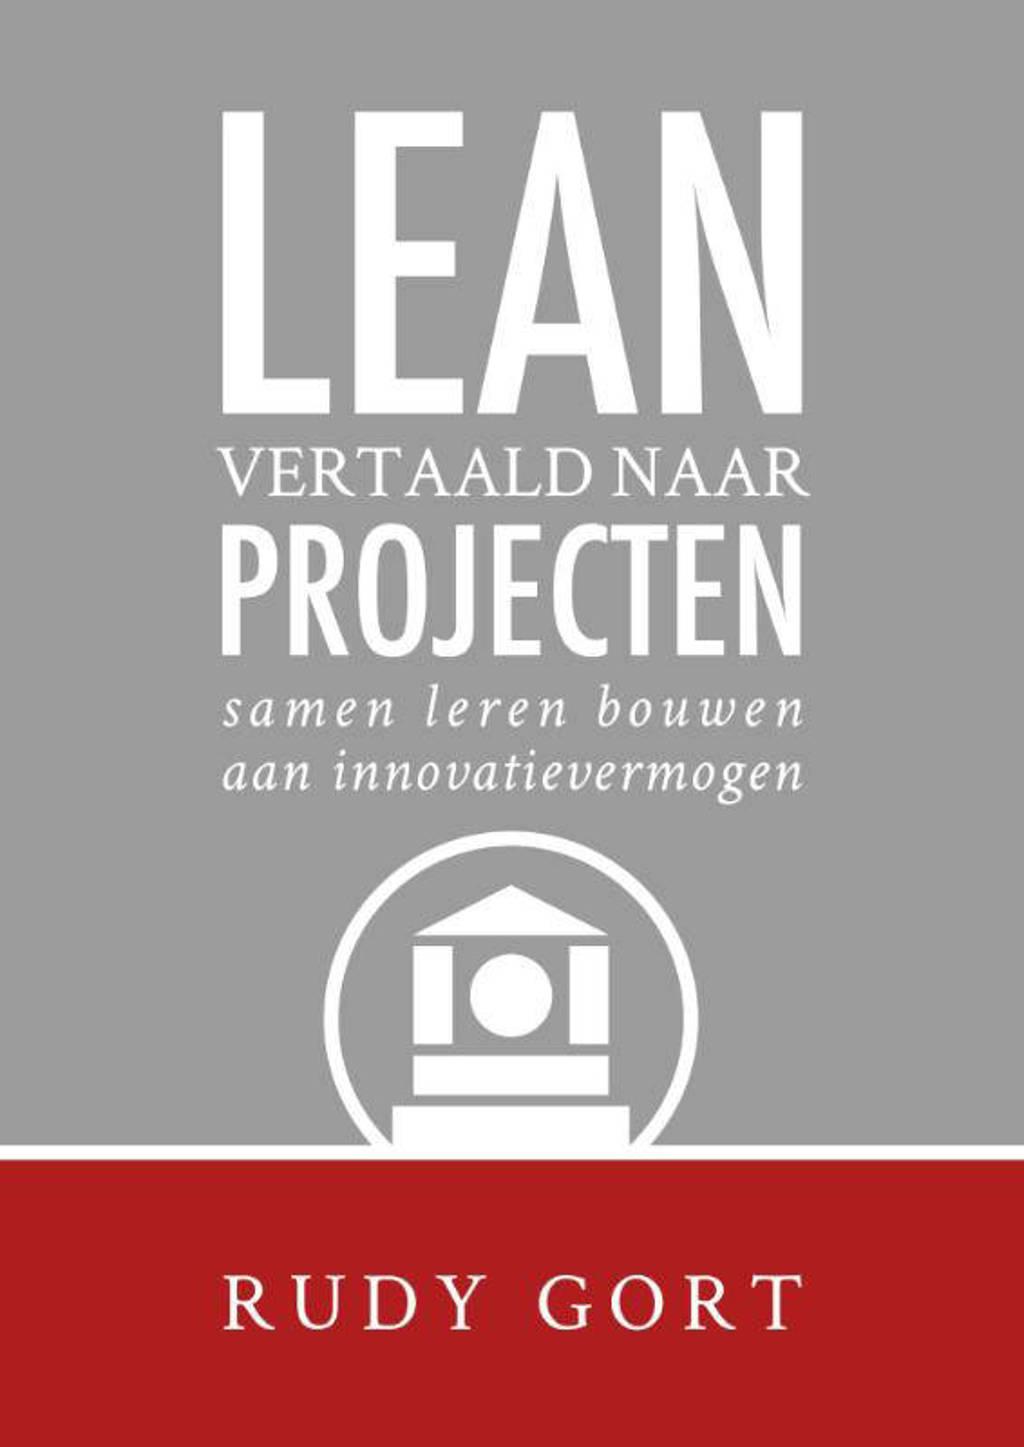 Lean vertaald naar projecten - Rudy Gort